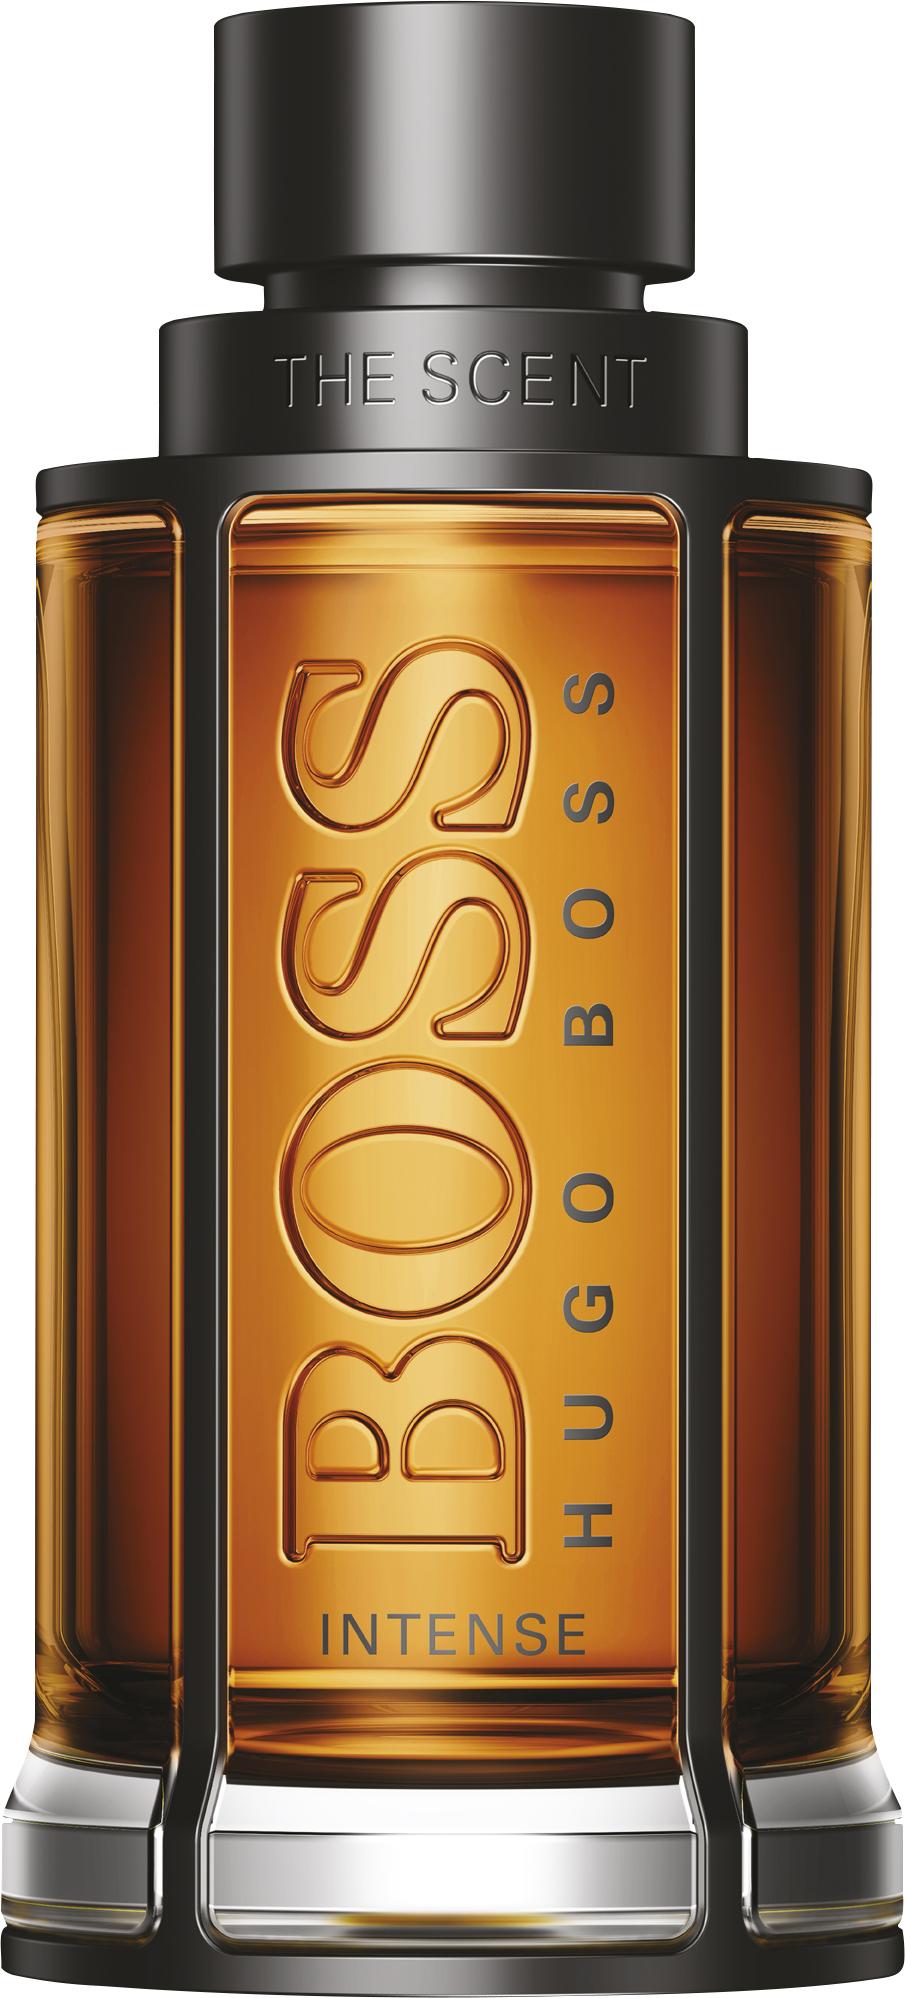 Hugo Boss - The Scent Intense for Him EDP - 50 ml